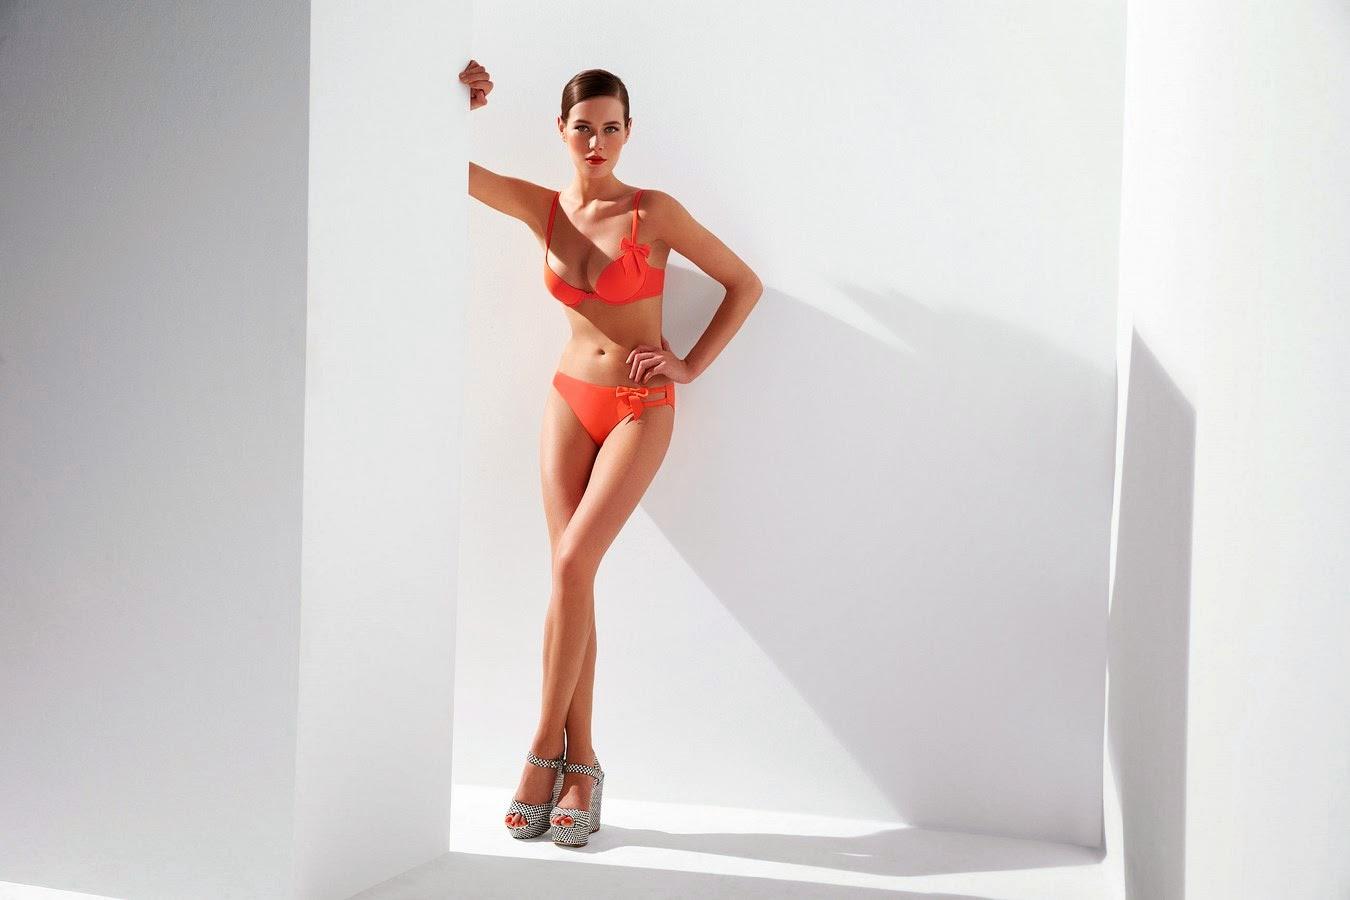 Simone-Perele, lingerie-Simone-Perele, Simone-Perele-maillot-de-bain, maillot-de-bain, maillots-de-bain, maillots-de-bain-sexy, maillot-de-bain-femme, implicite, aubade, du-dessin-aux-podiums, dudessinauxpodiums, lingeries, lingery, slips, maillot-de-bain-push-up, trikini, sexy-clothes, short-de-bain, short-de-bain-femme, maillot-de-bain-retro, maillot-de-bain-amincissant, maillot-de-bain-ventre-plat, maillot-de-bain-pin-up, maillots-de-bain-1-pièce, maillot-de-bain-90d